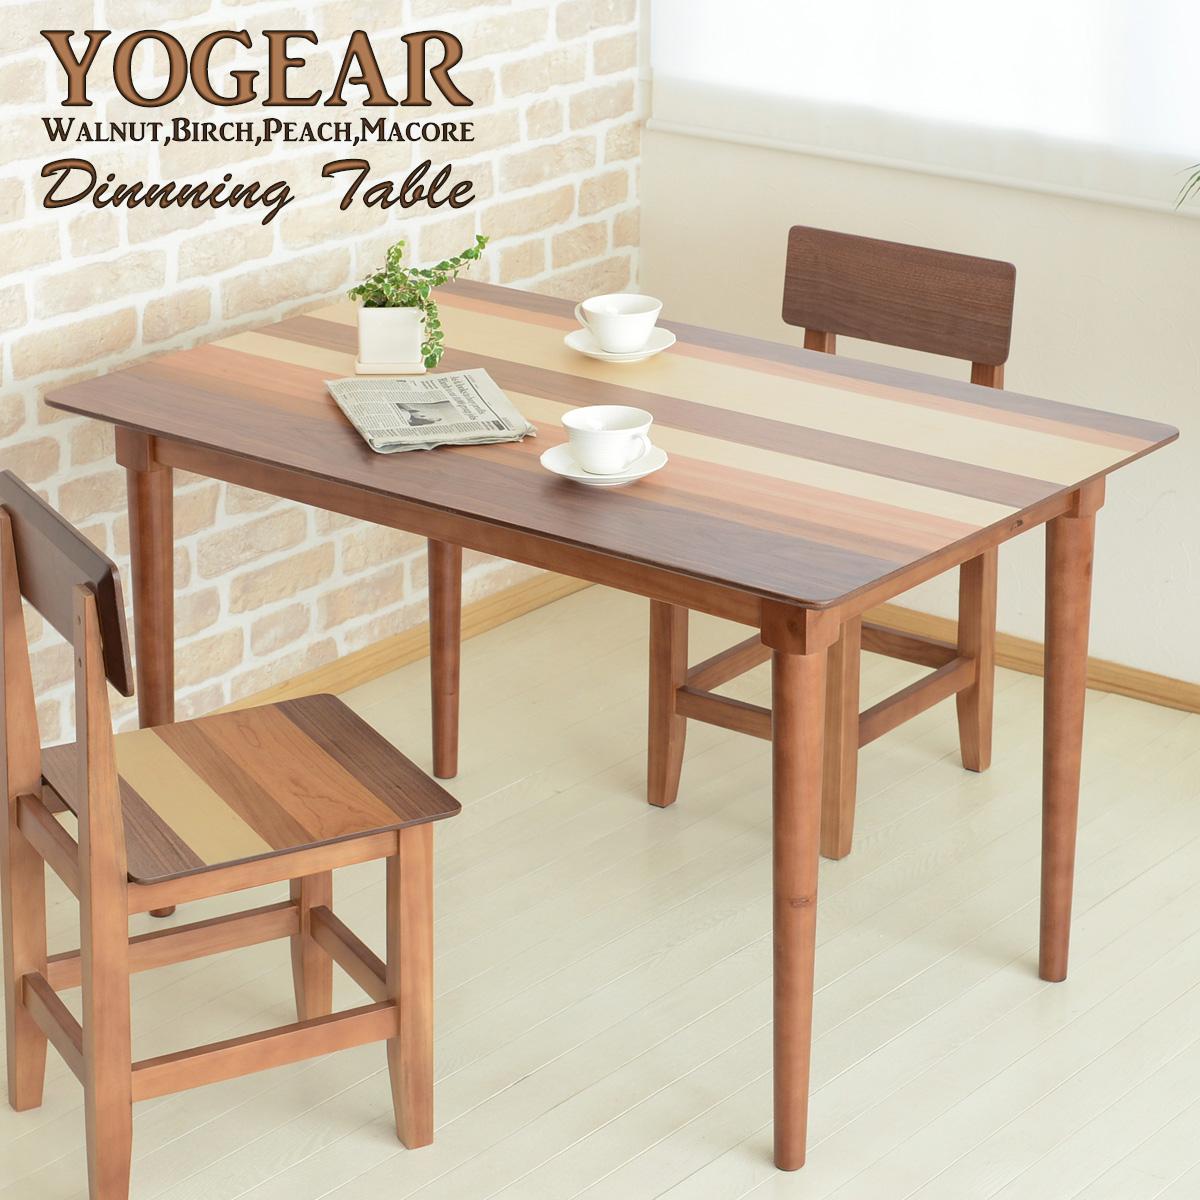 ダイニングテーブル 幅120cm デスク ダイニング テーブル ハイテーブル 2人用 4人用 北欧 テイスト お洒落 ウォールナット 天然木 家具 テーブル 木 ミッドナイトセンチュリー